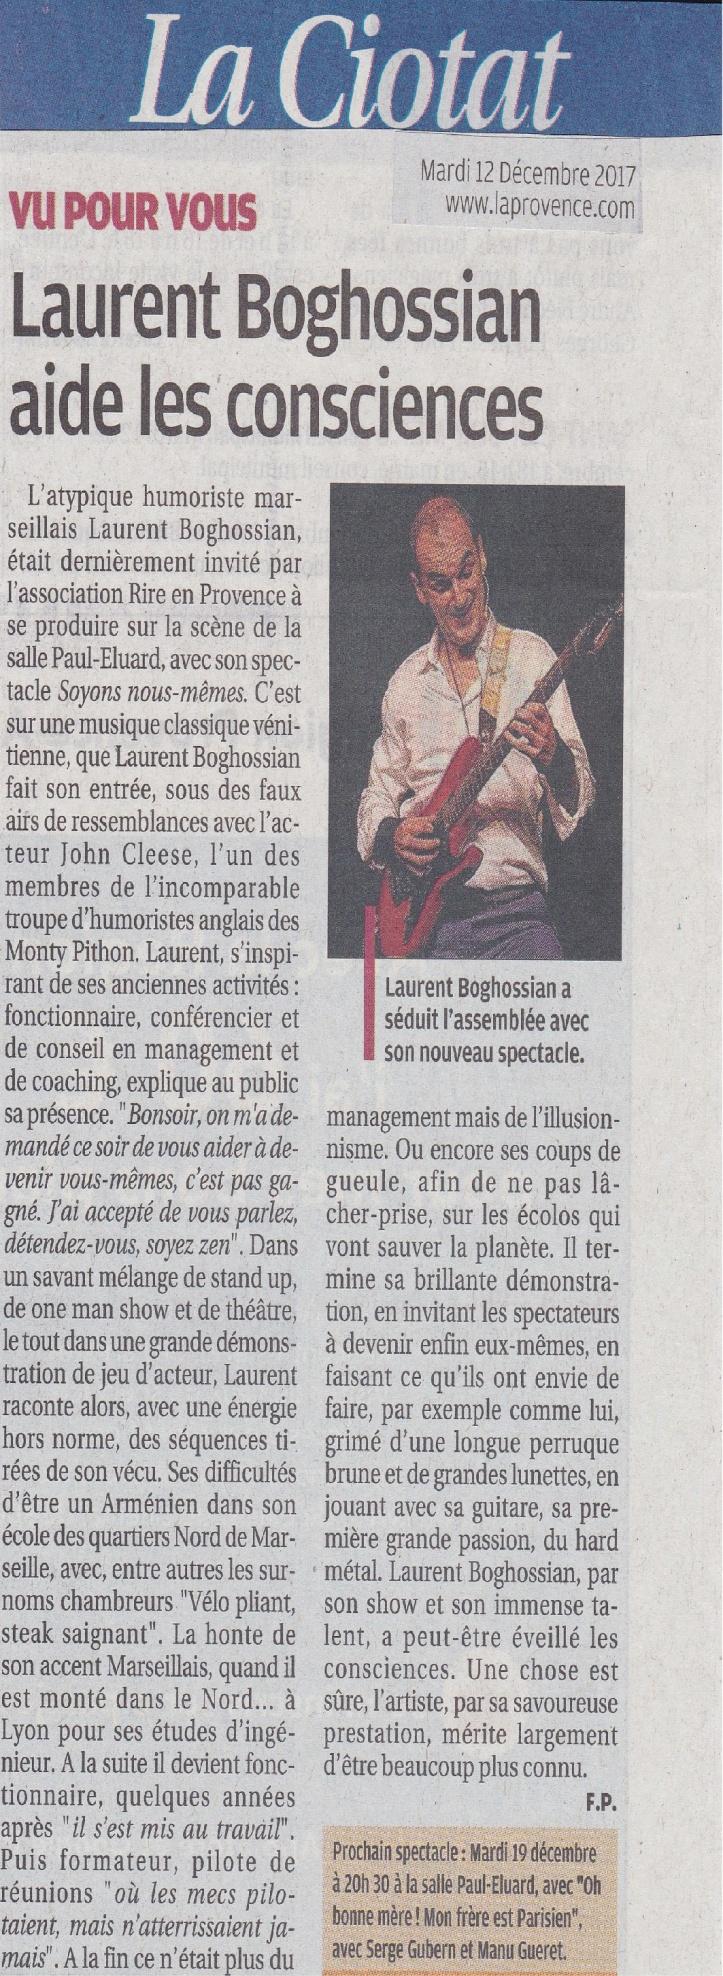 Article-LaCiotat